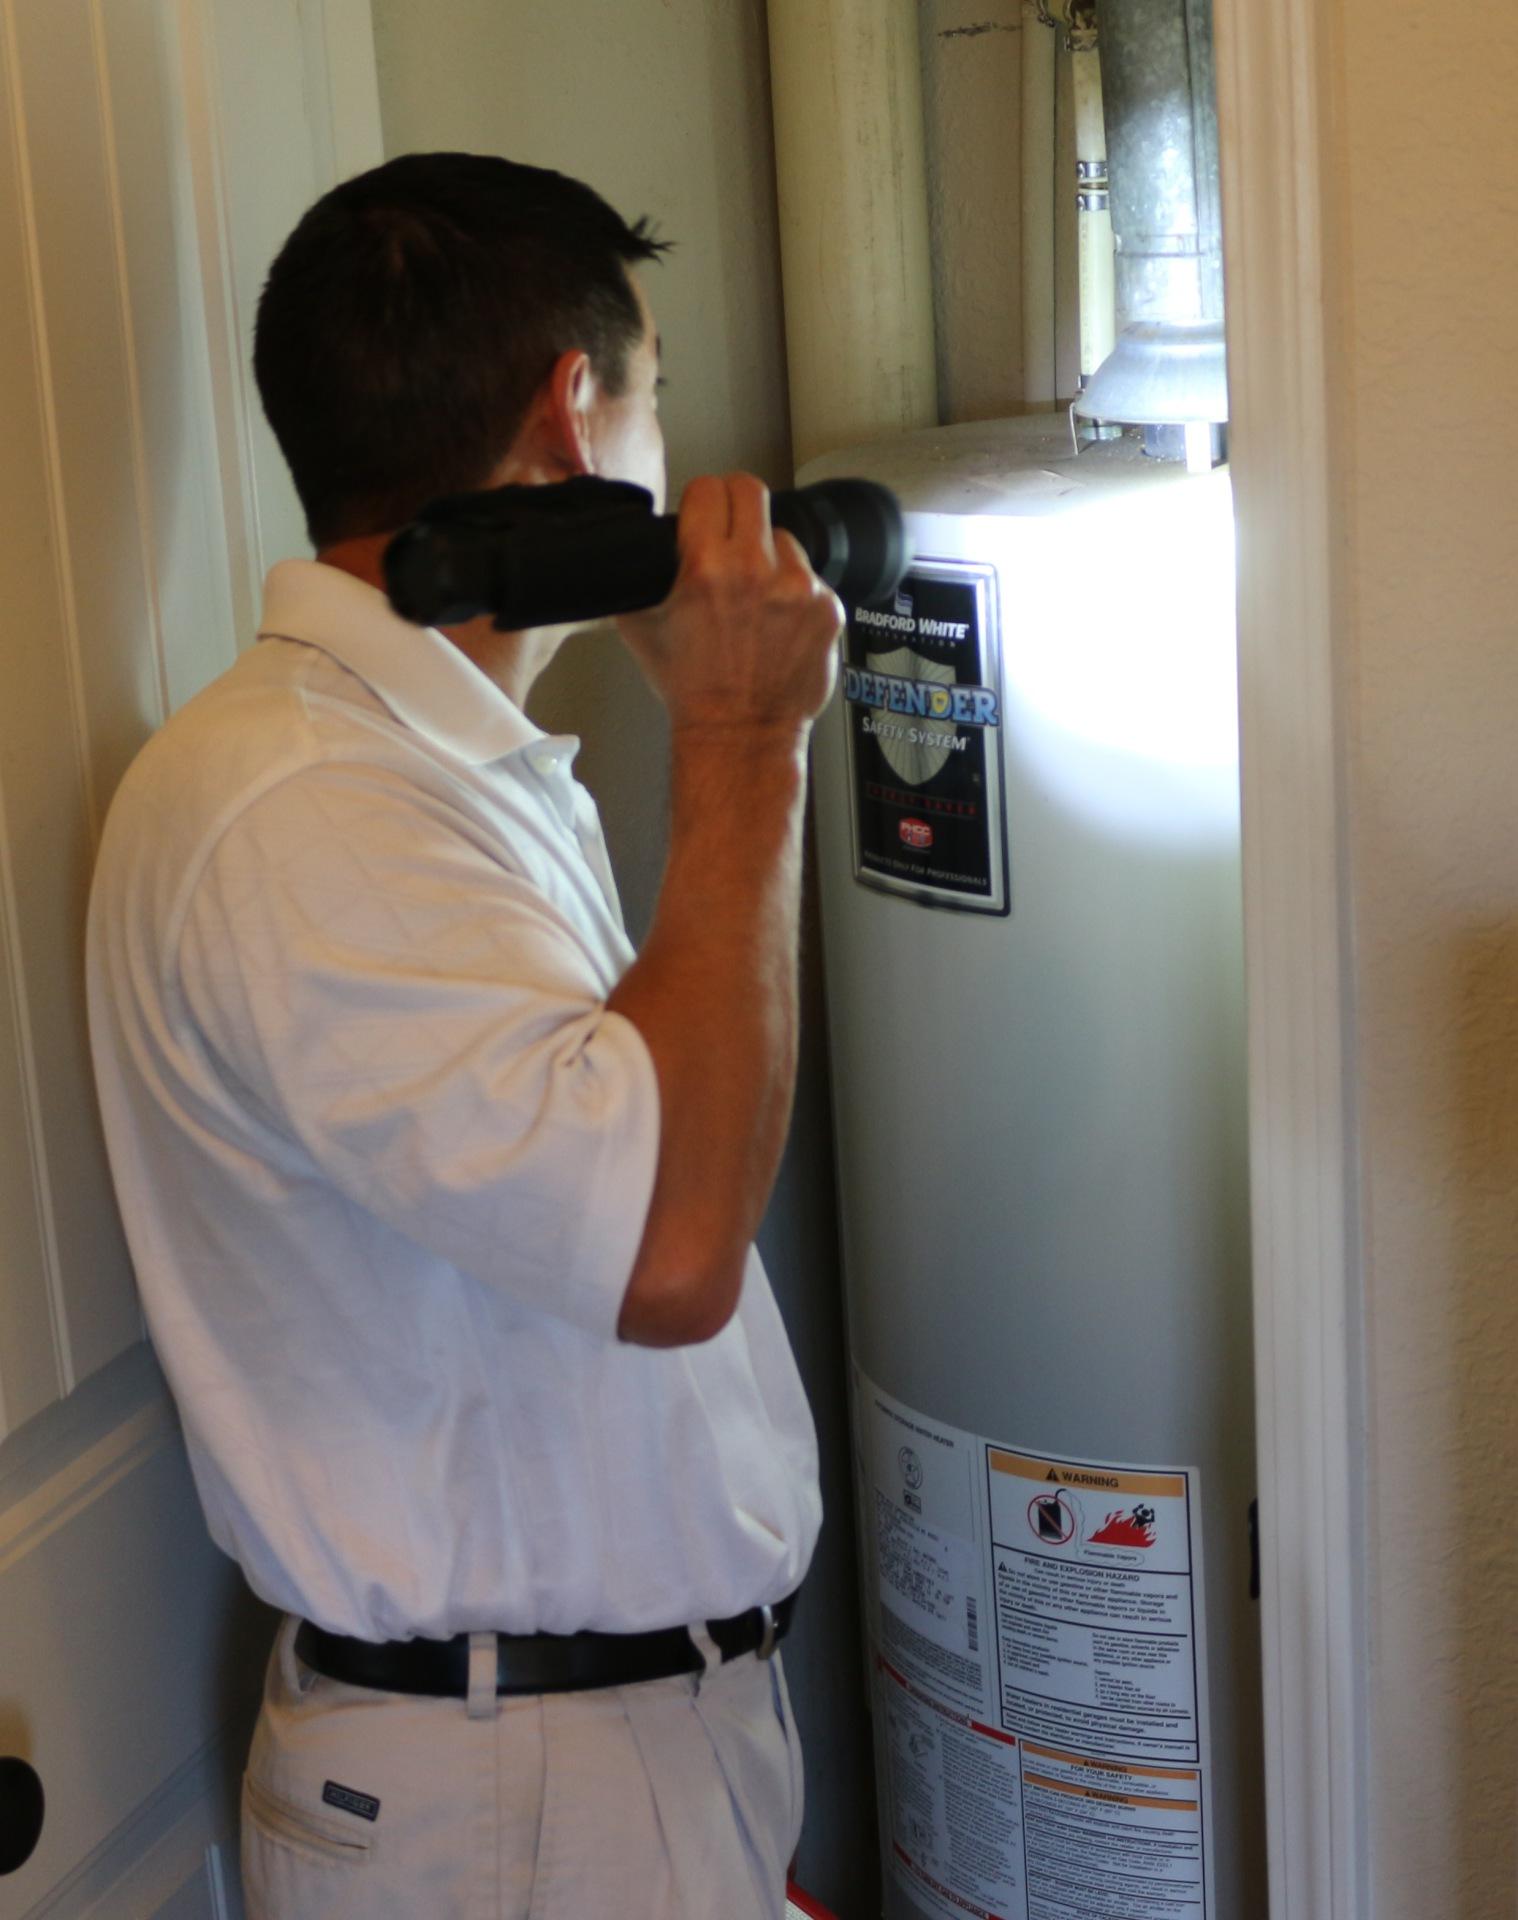 Water Heater / Checking Draft Diverter